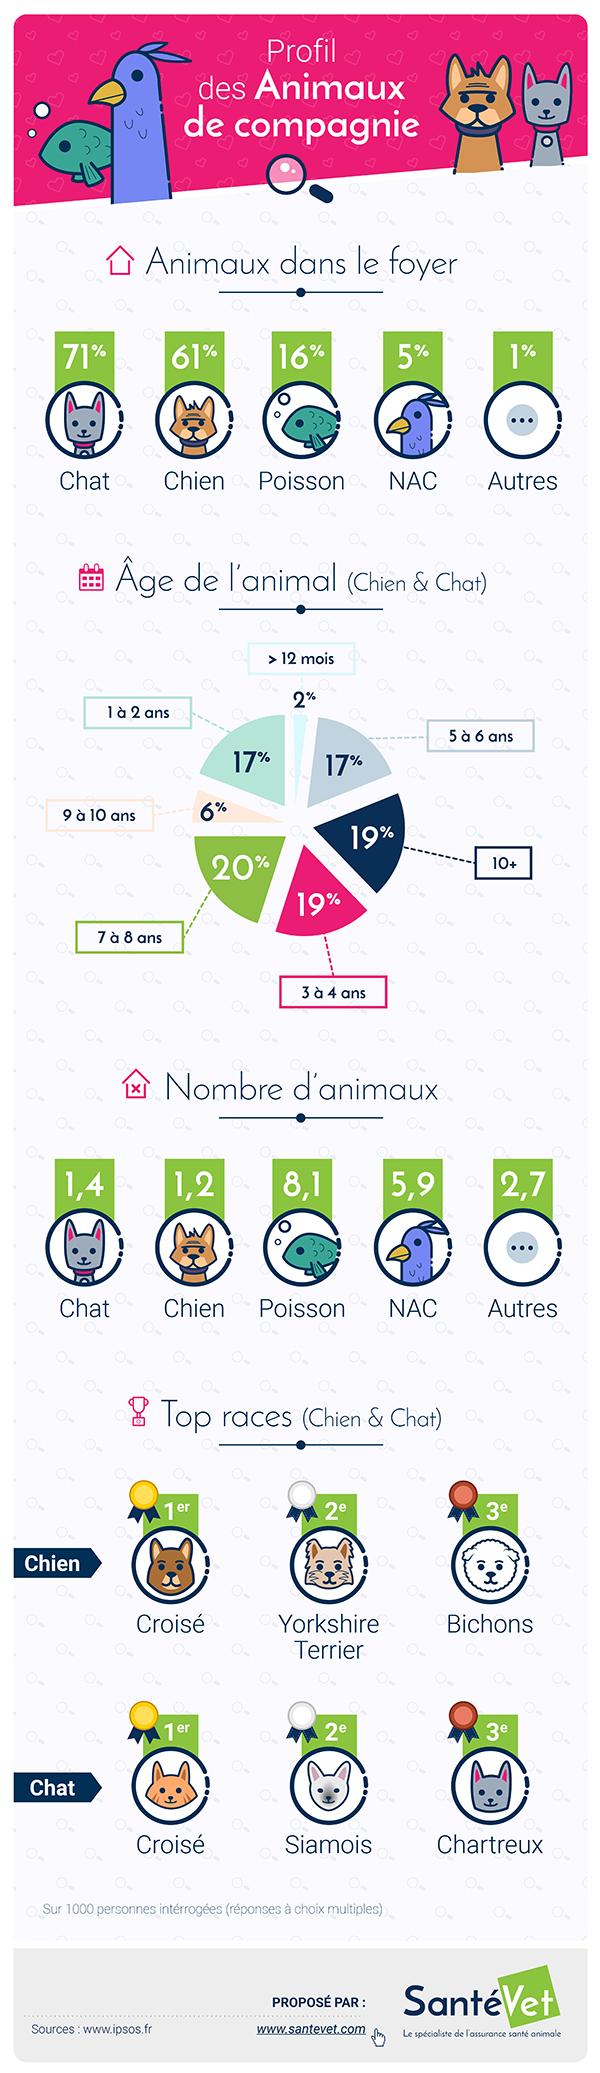 infographie assurance animaux Santé Vet